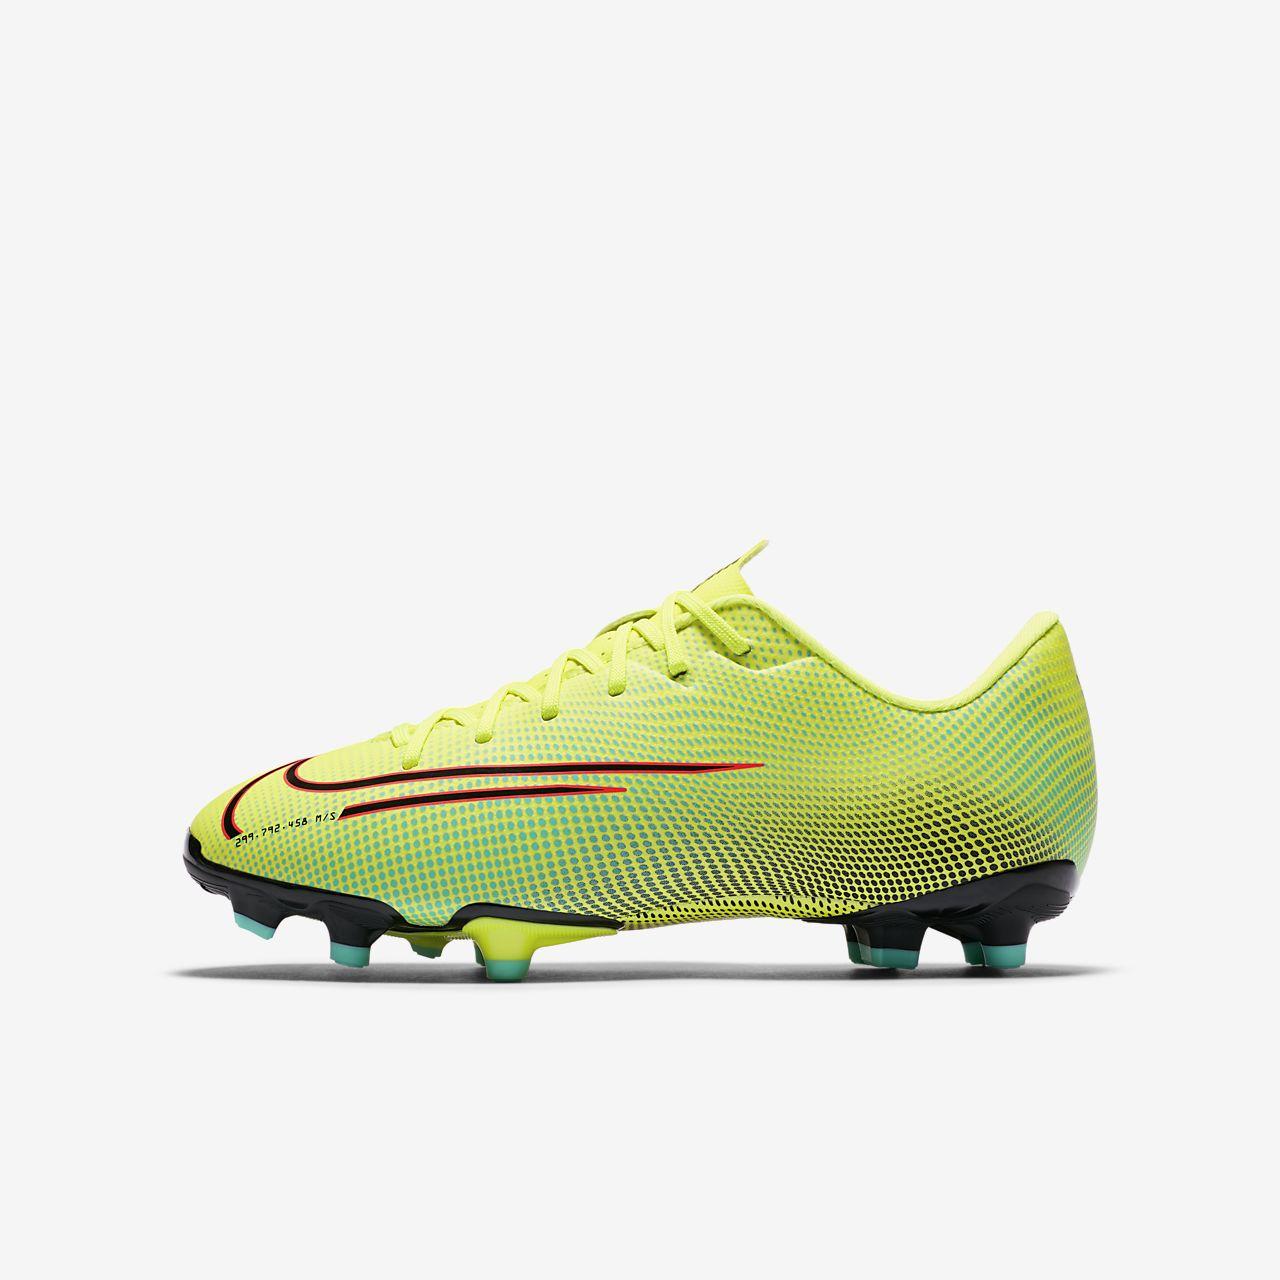 Ποδοσφαιρικό παπούτσι για διαφορετικές επιφάνειες Nike Jr. Mercurial Vapor 13 Academy MDS MG για μικρά/μεγάλα παιδιά